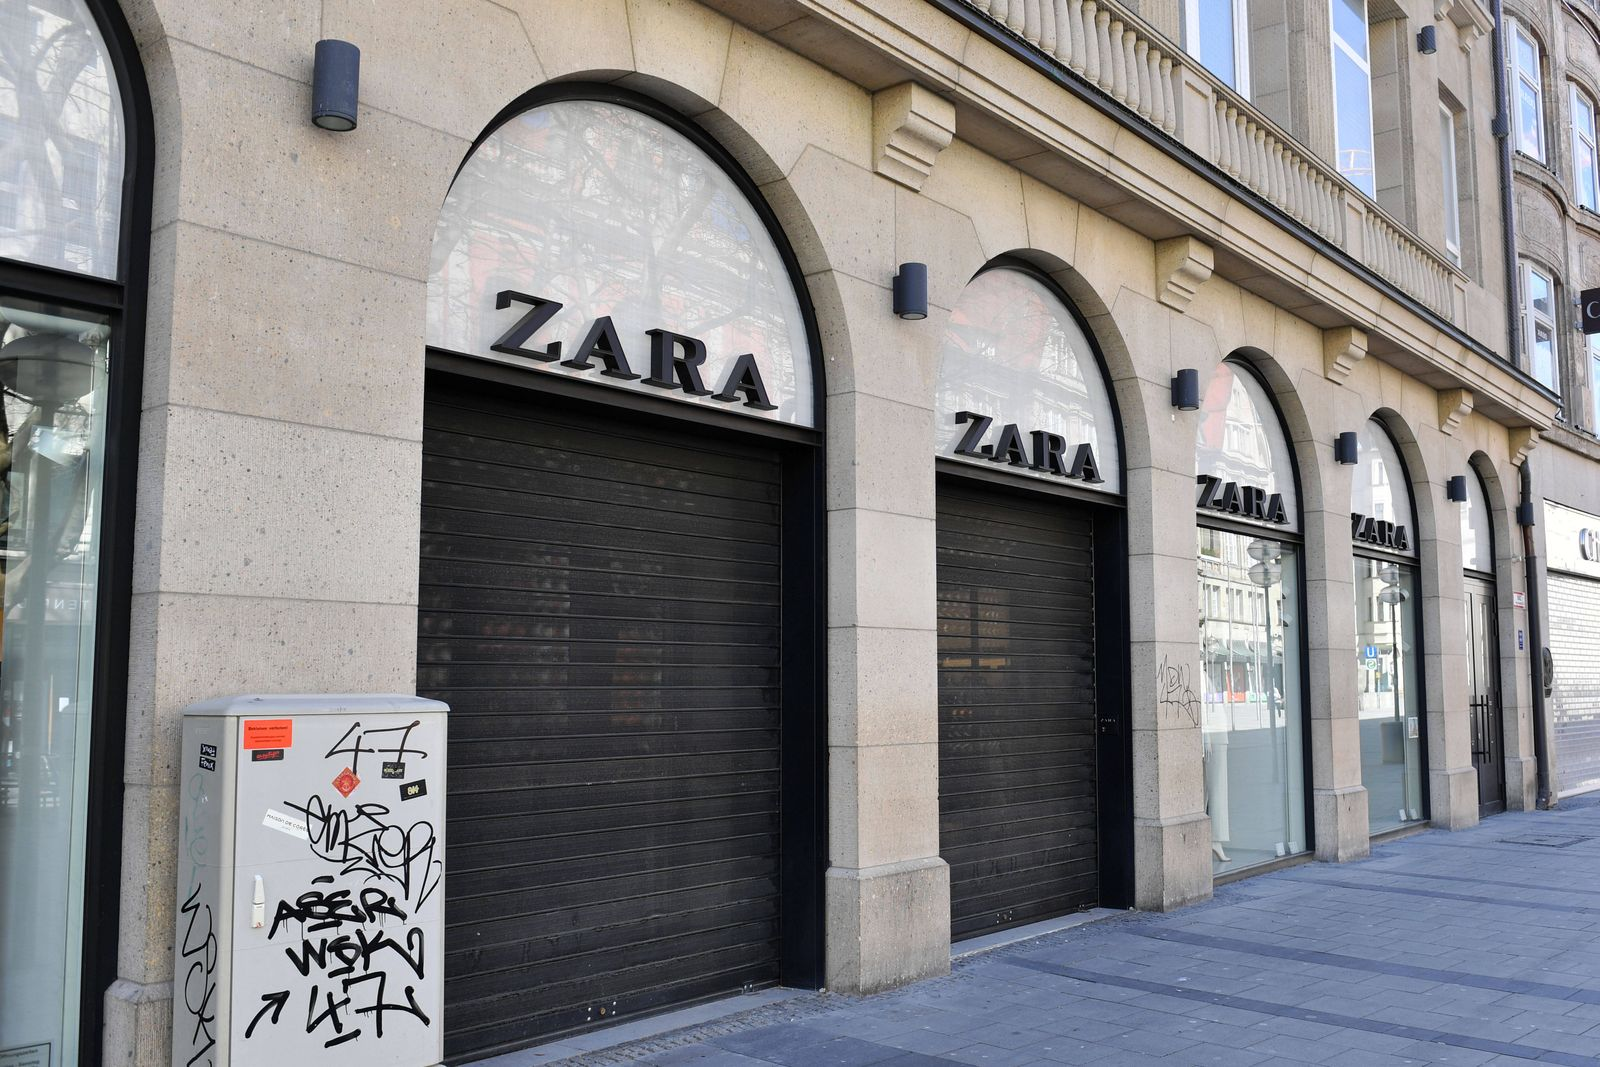 Geschlossenen ZARA Filiale in der Neuhauser Strasse / Fussgaengerzone in Muenchen am 05.04.2020. Eingang,Eingangsbereich